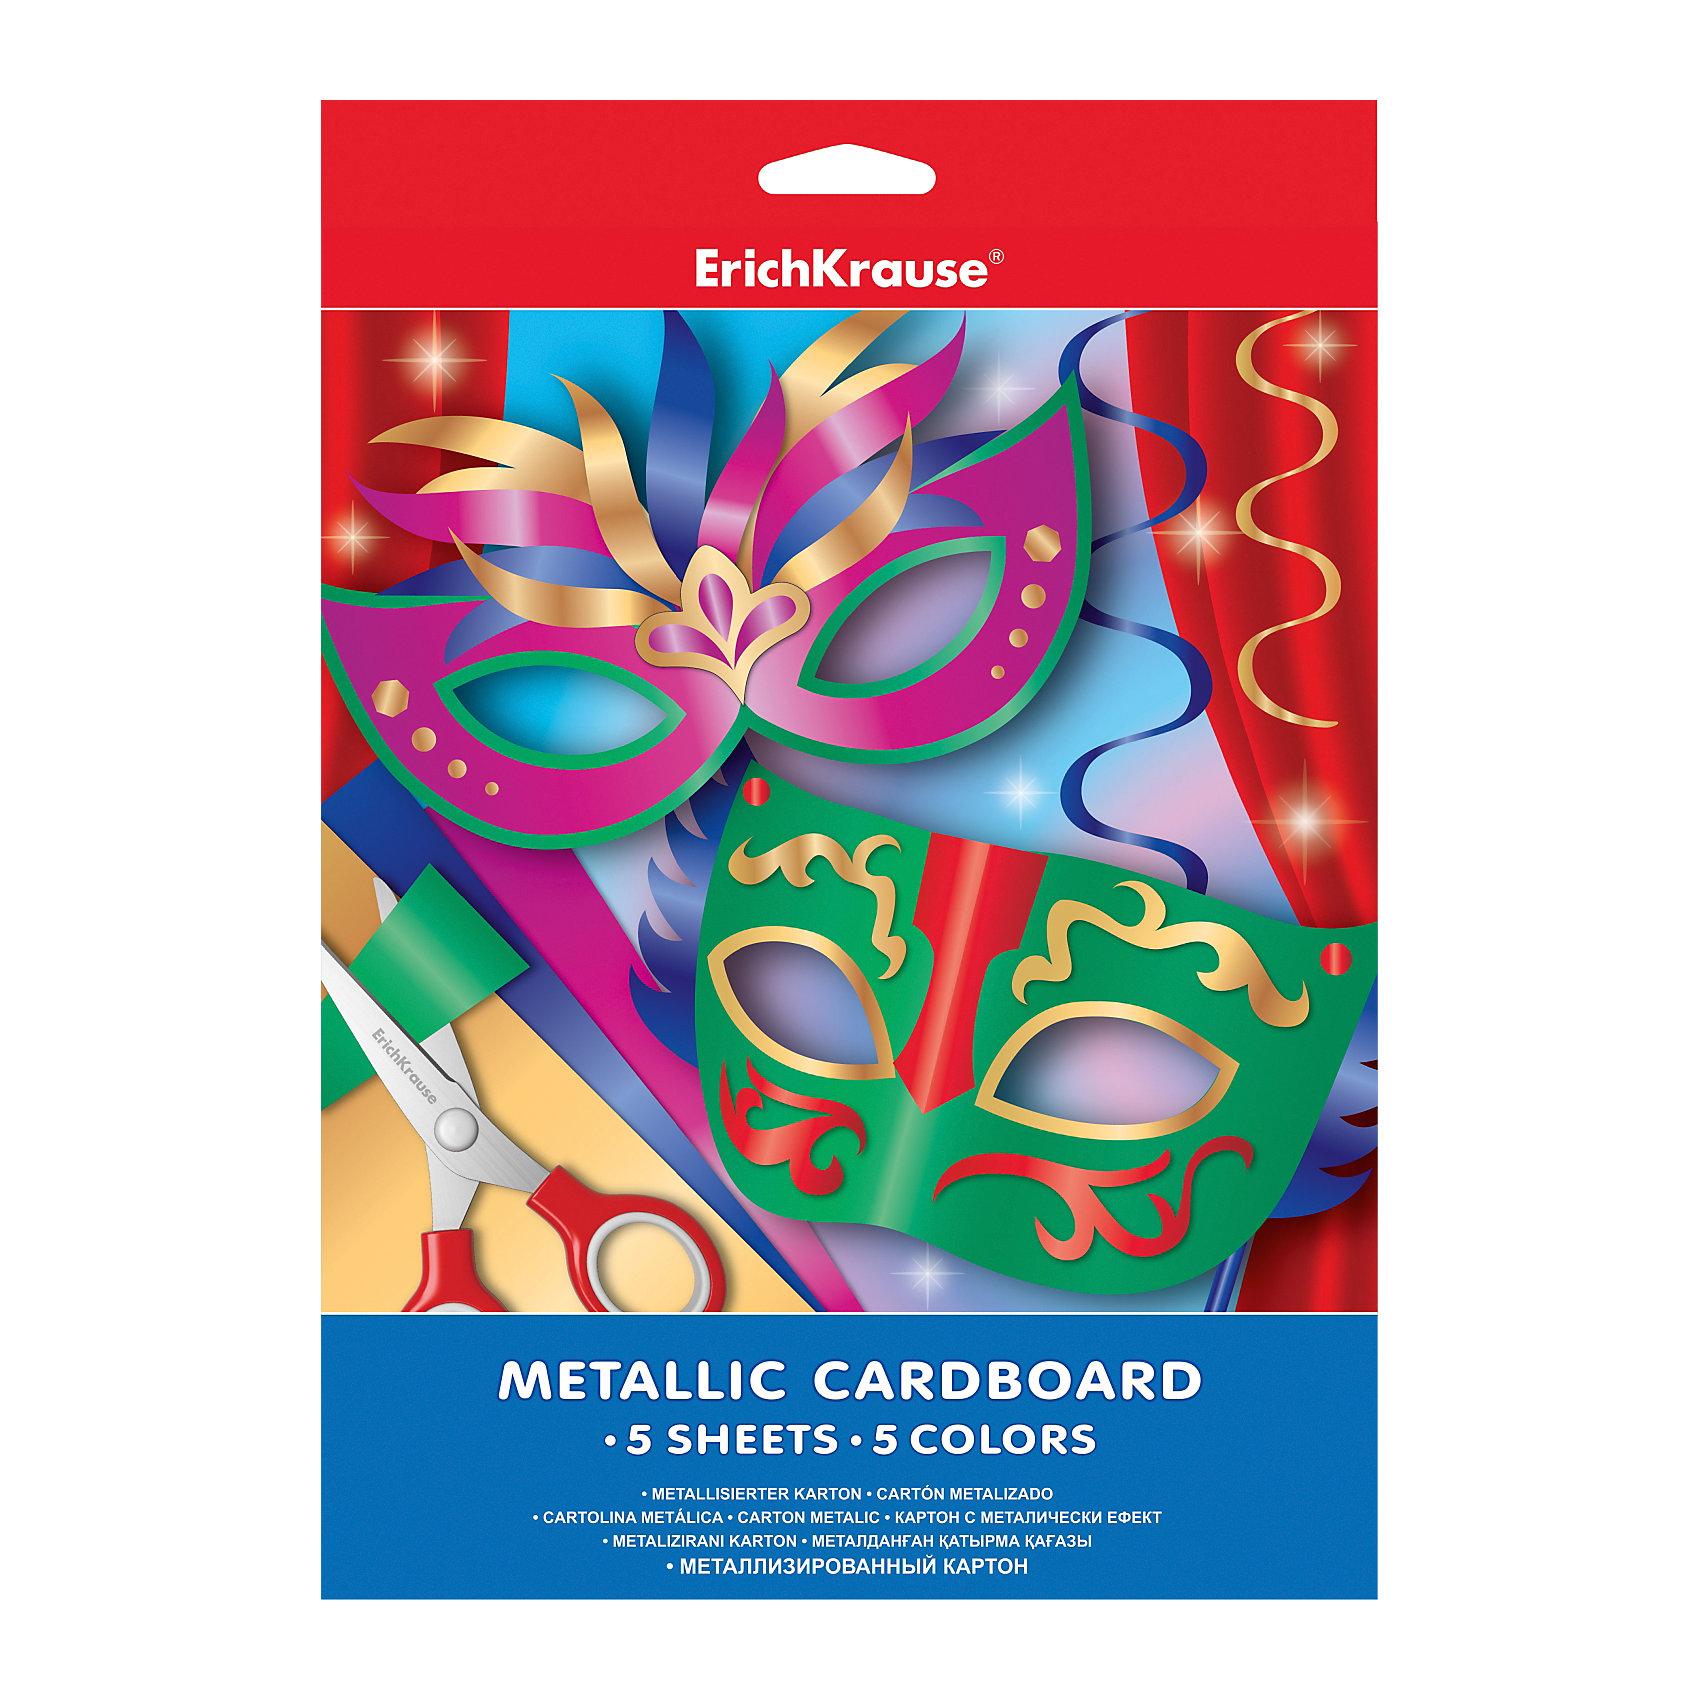 Металлизированный картон А4 (5 листов, 5 цветов)Бумажная продукция<br>Металлизированный картон - оптимальное решение<br>для производства роскошной упаковки, конвертов и основы для открыток. Поделка, оформленная с помощью металлизированного картона будет выгодно выделяться и привлекать к себе внимание. Прекрасный вариант для оформления открыток к Новому Году! <br><br>Дополнительная информация:<br><br>- Материал: бумага, картон.<br>- Формат: А4.<br>- Количество листов: 5.<br>- Количество цветов: 5.<br><br>Металлизированный картон А4 (5 листов, 5 цветов), Erich Krause, можно купить в нашем магазине.<br><br>Ширина мм: 210<br>Глубина мм: 280<br>Высота мм: 5<br>Вес г: 108<br>Возраст от месяцев: 36<br>Возраст до месяцев: 108<br>Пол: Унисекс<br>Возраст: Детский<br>SKU: 4379666